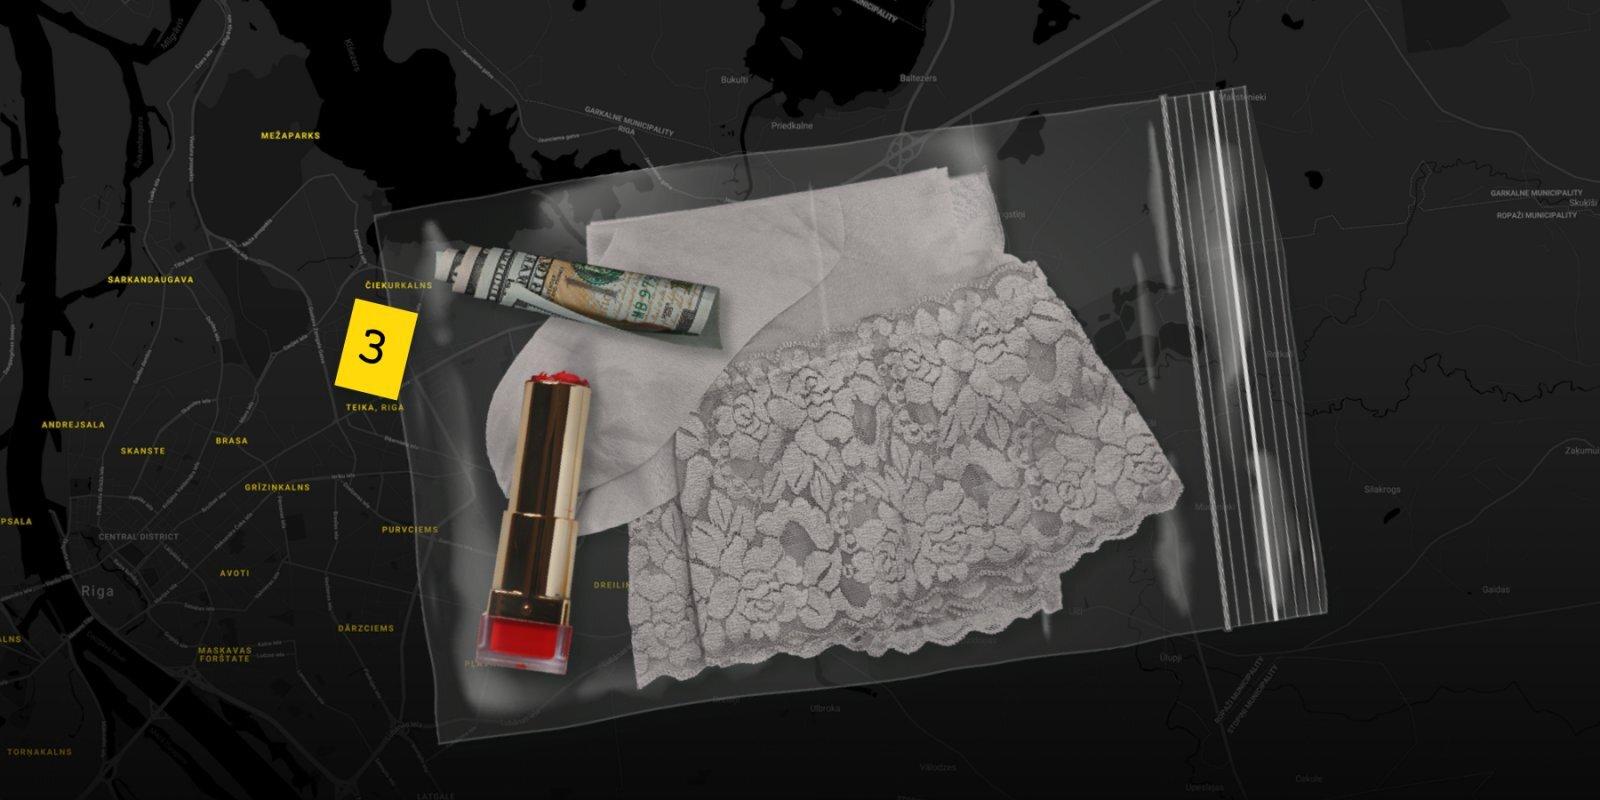 Rīgas centra kriminālā vēsture: skaisti un droši, tomēr kabatas labāk sargājiet